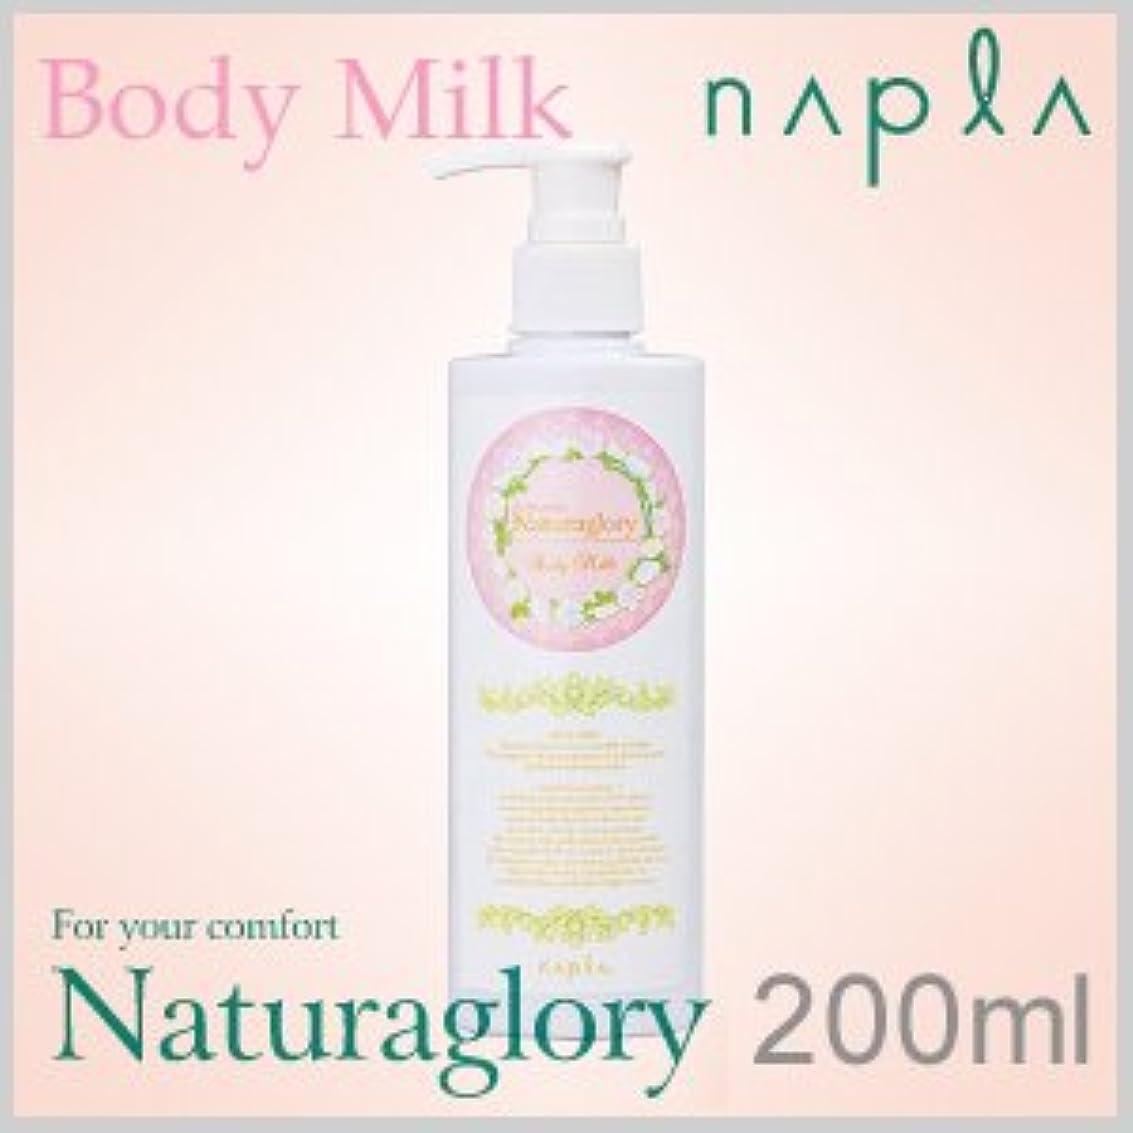 個人的な荒涼としたブリッジナプラ ケアテクトHB ナチュラグローリー ボディーミルク 200ml 無添加クリーム